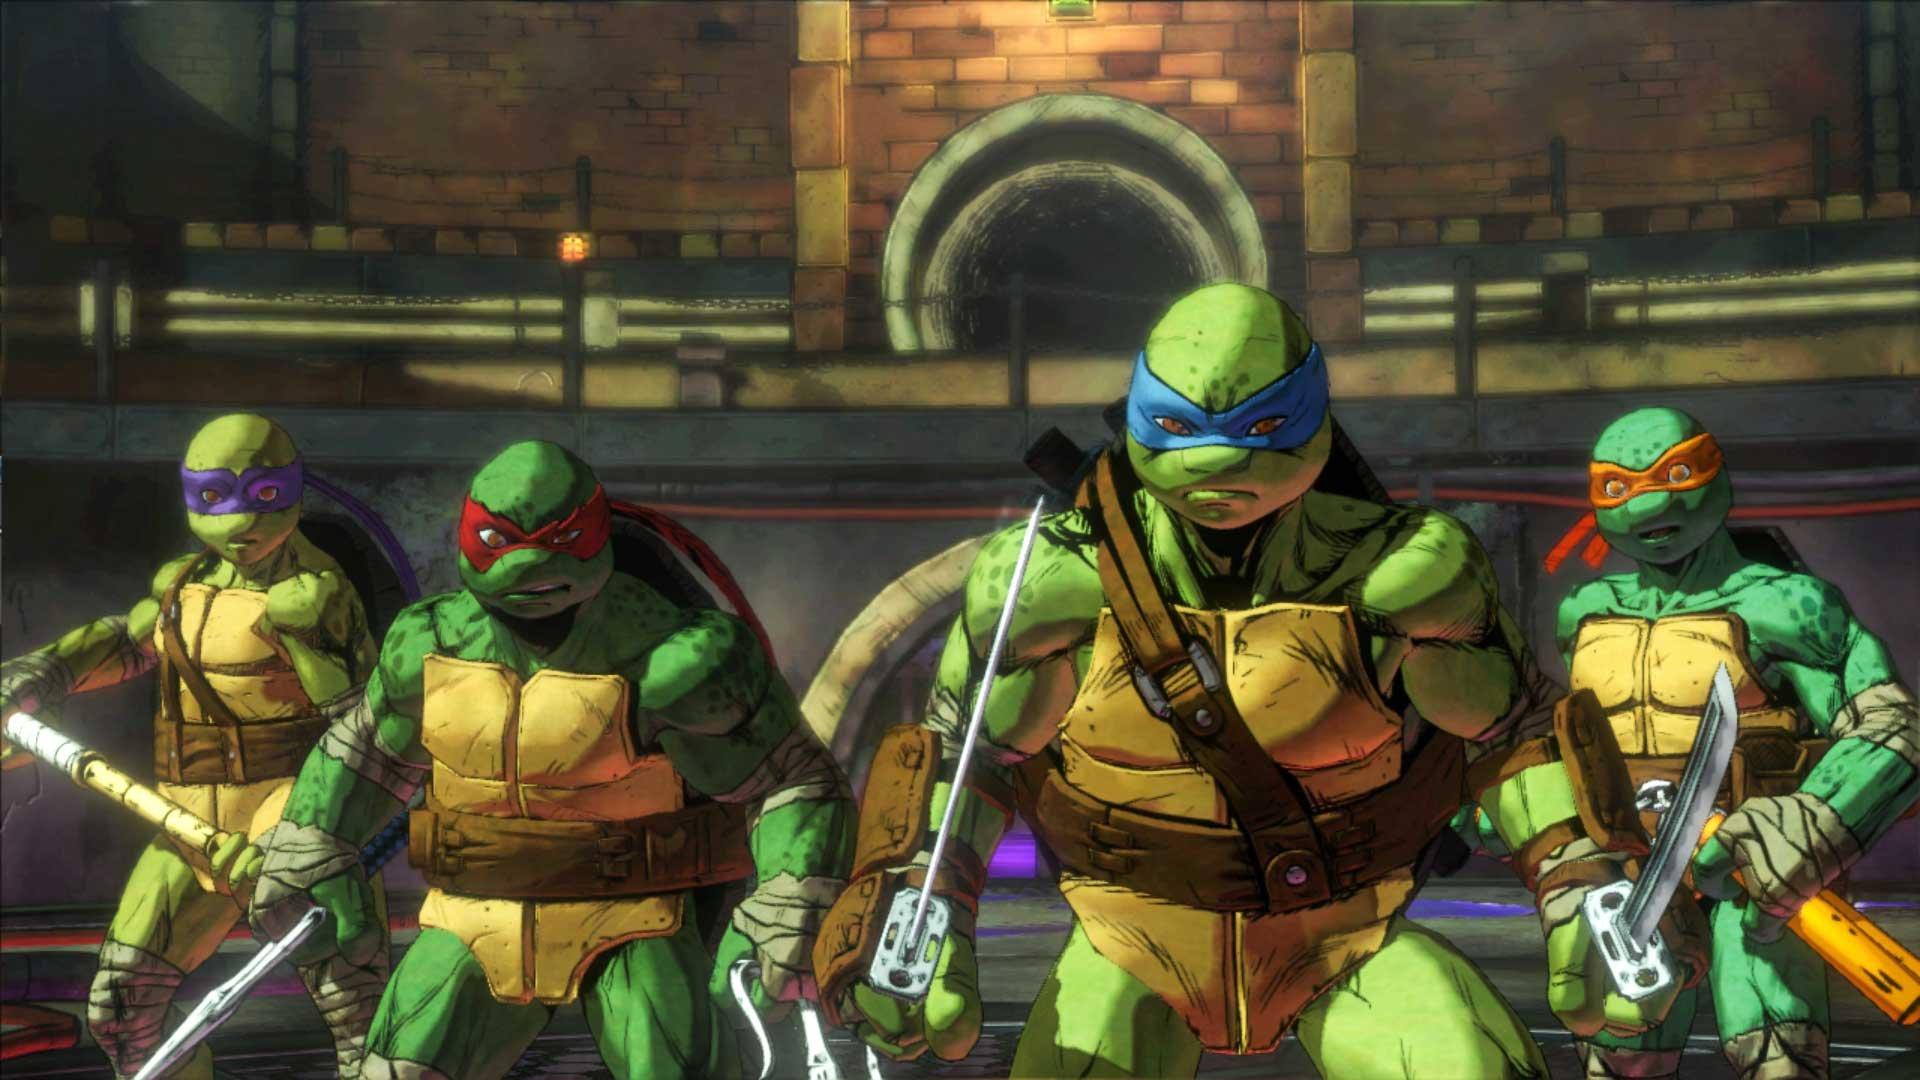 nat_games_Teenage_Mutant_Ninja_Turtles_3